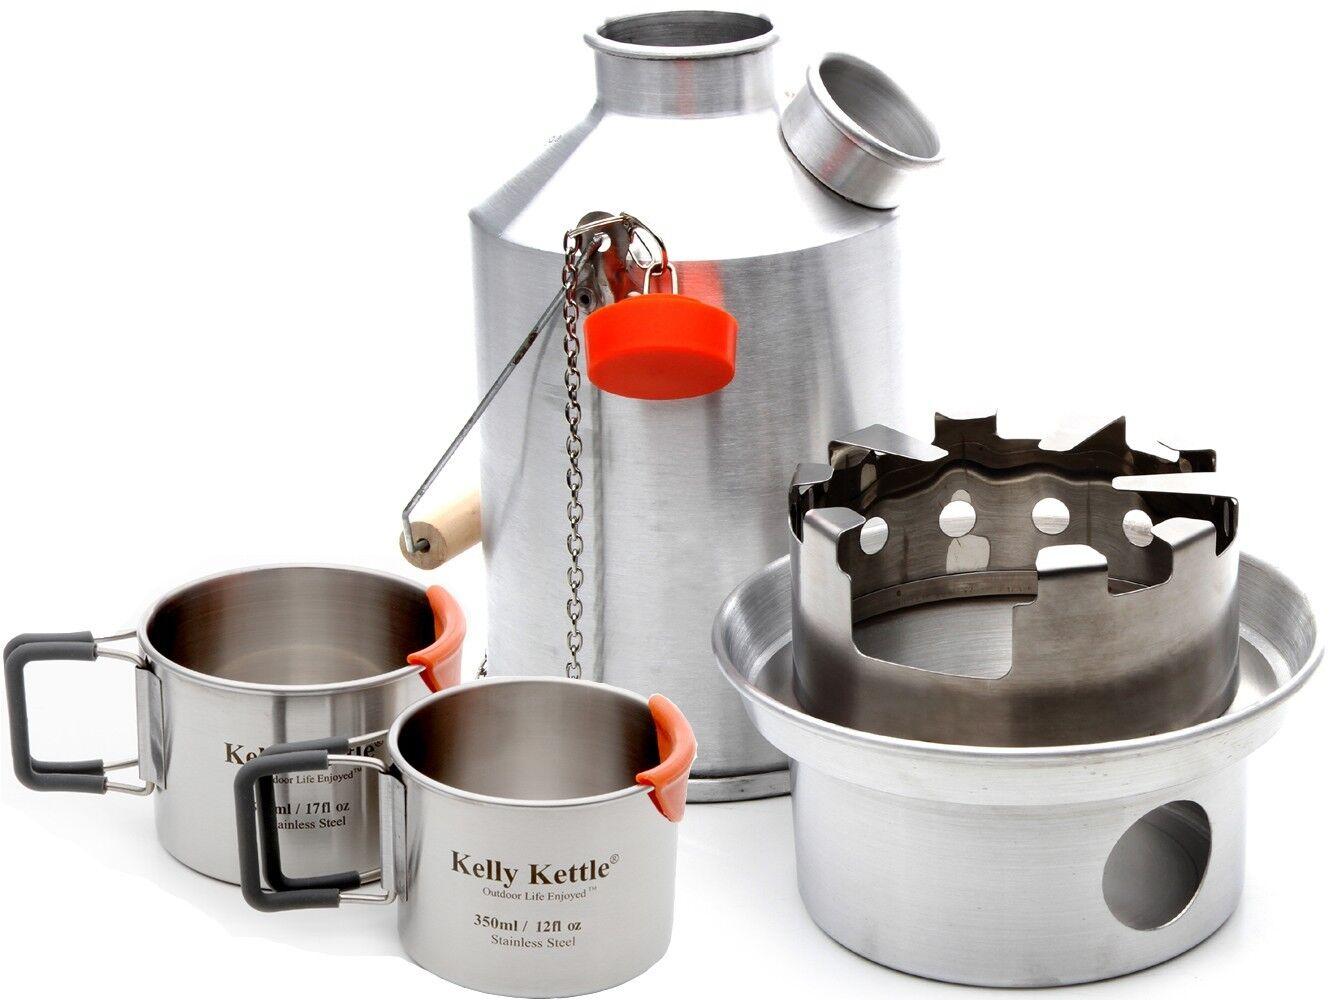 Alu. ' Scout ' (1.2 Litre) Kelly Kettle, Wasserkessel, Sets, Usw. Zelten Wasserkessel, Kettle, Holz a8d883